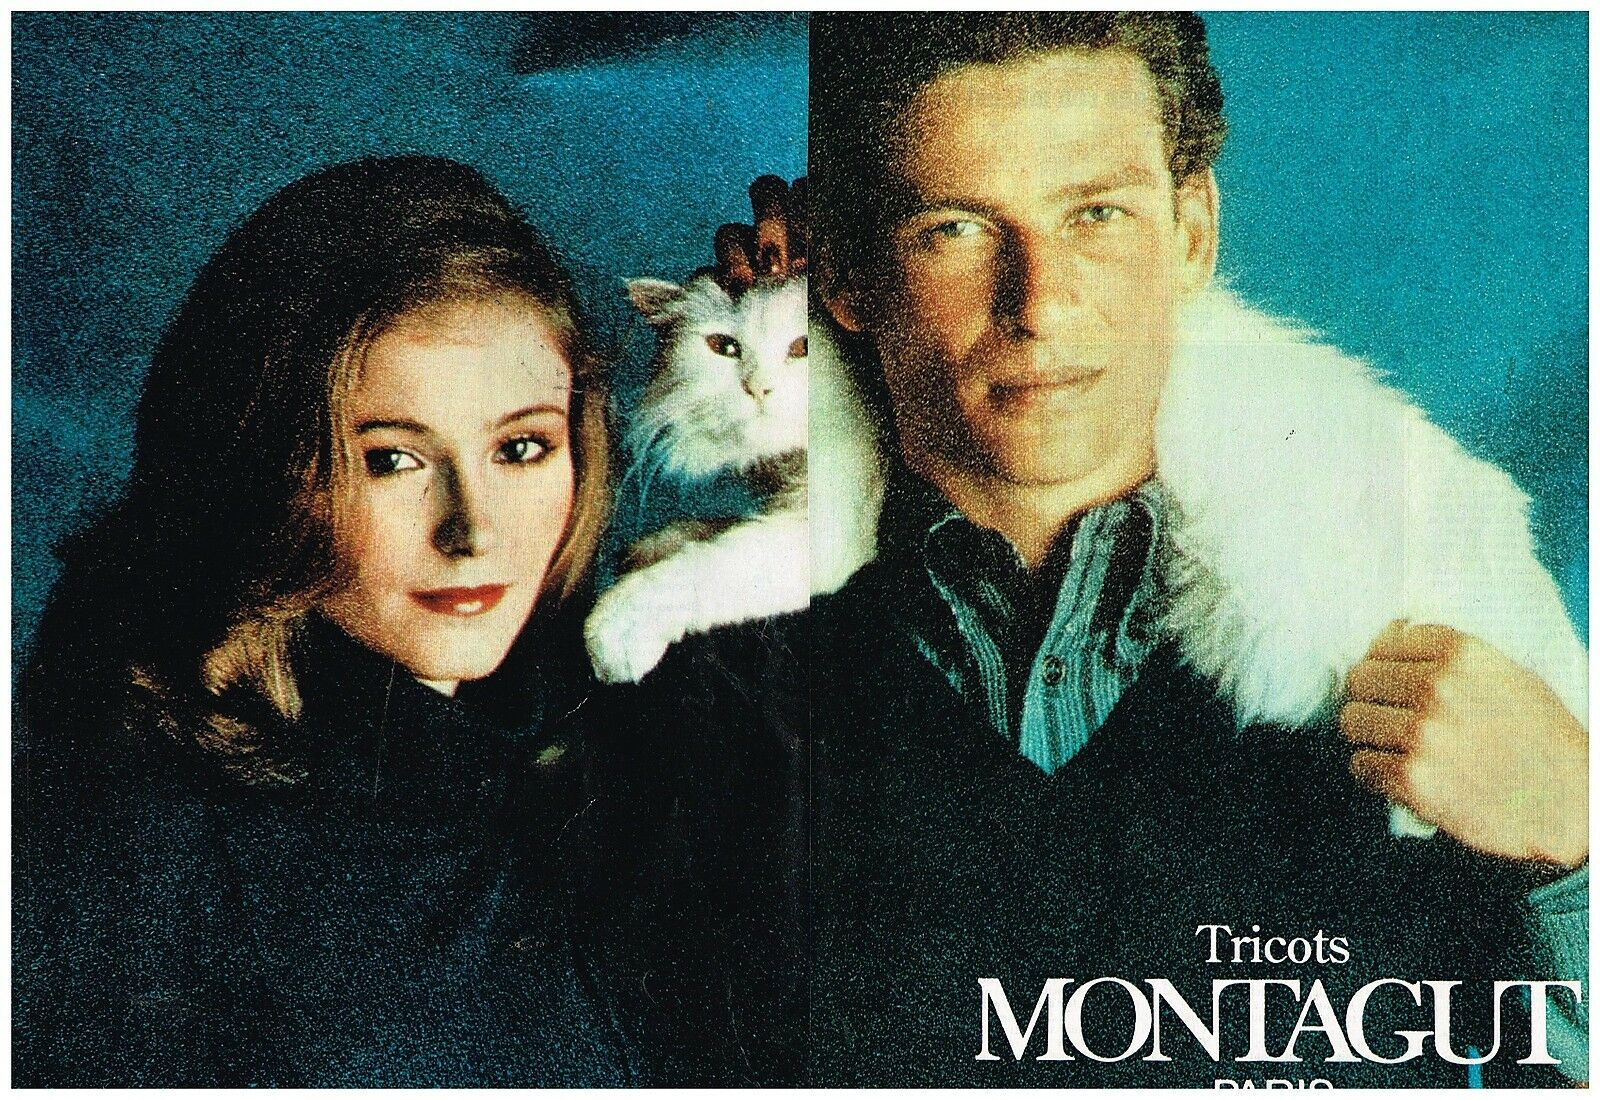 1977 Tricots Montagut